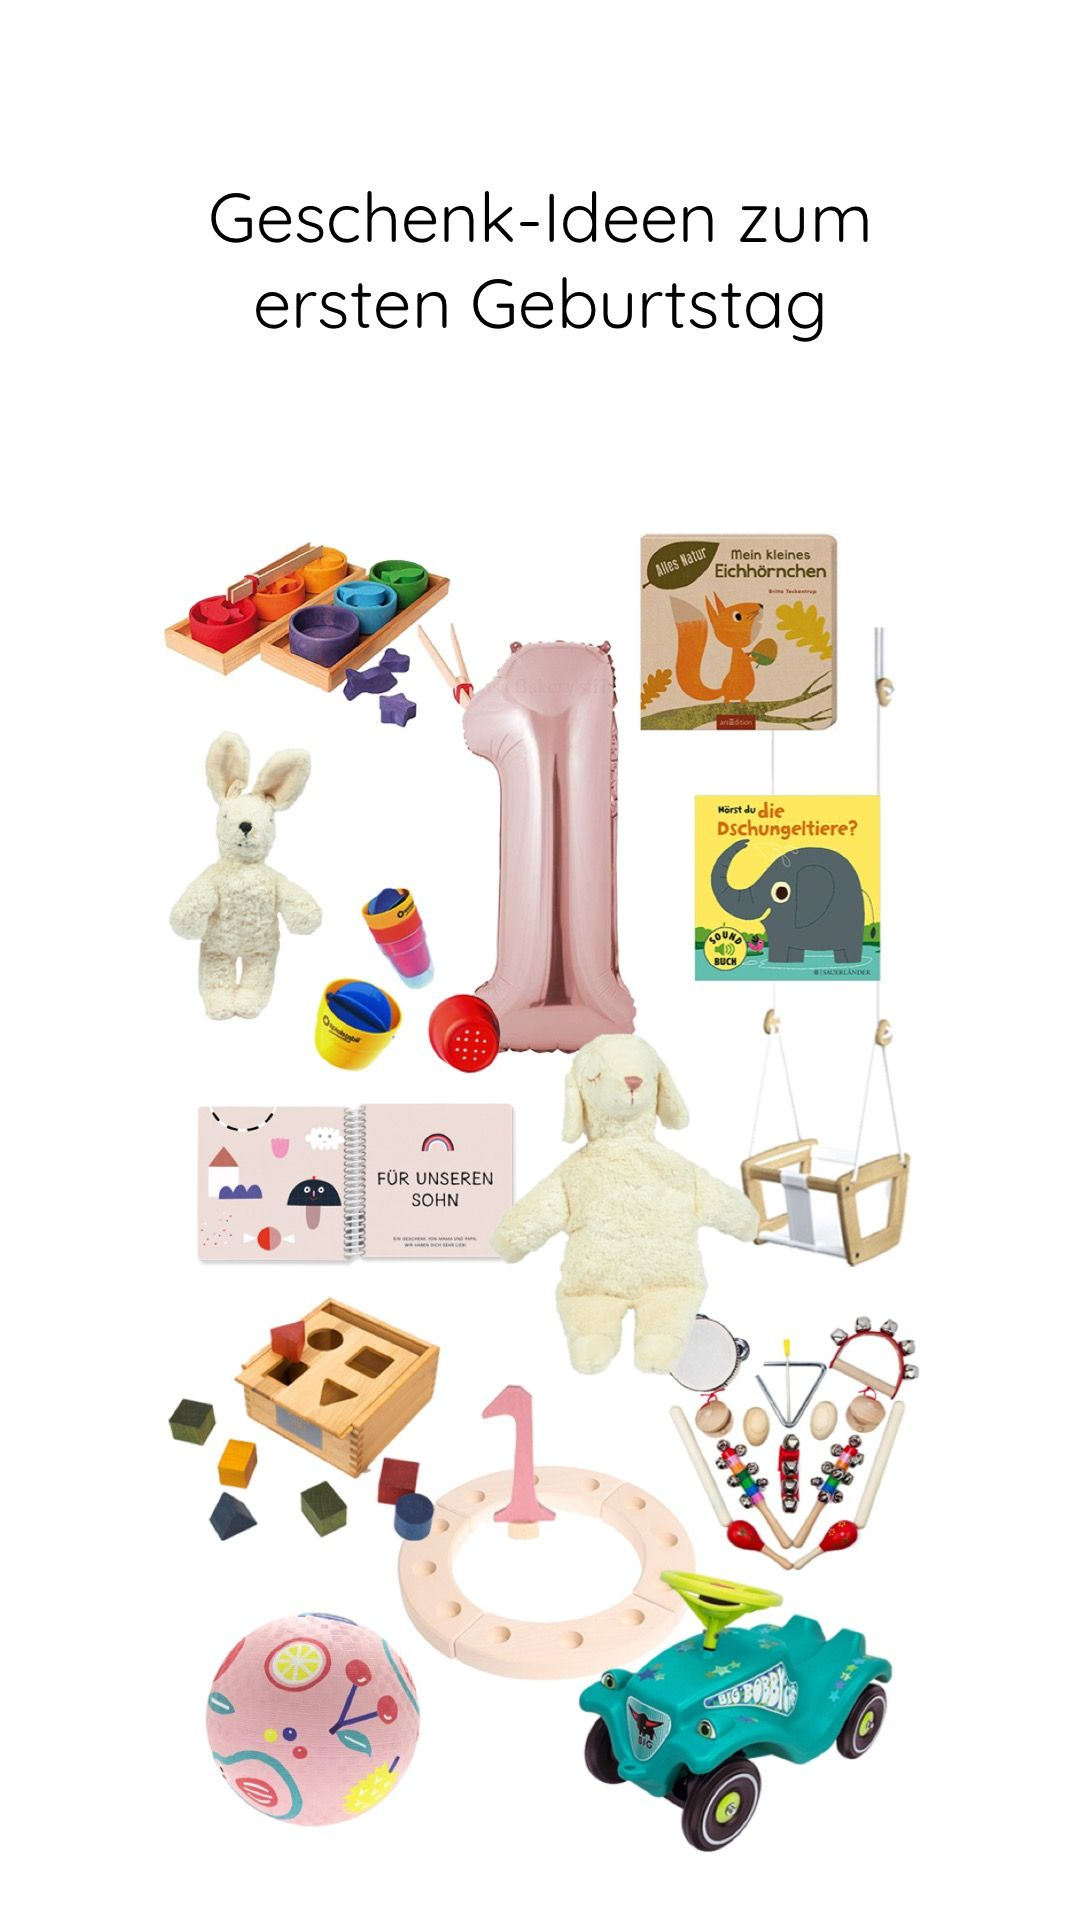 Ella Wird 1 Geburtstagsgedanken Und Geschenk Ideen Zum Ersten Geburtstag Pinkepank Geschenke Zur Geburt Junge Geburtstag Geburtstag Junge